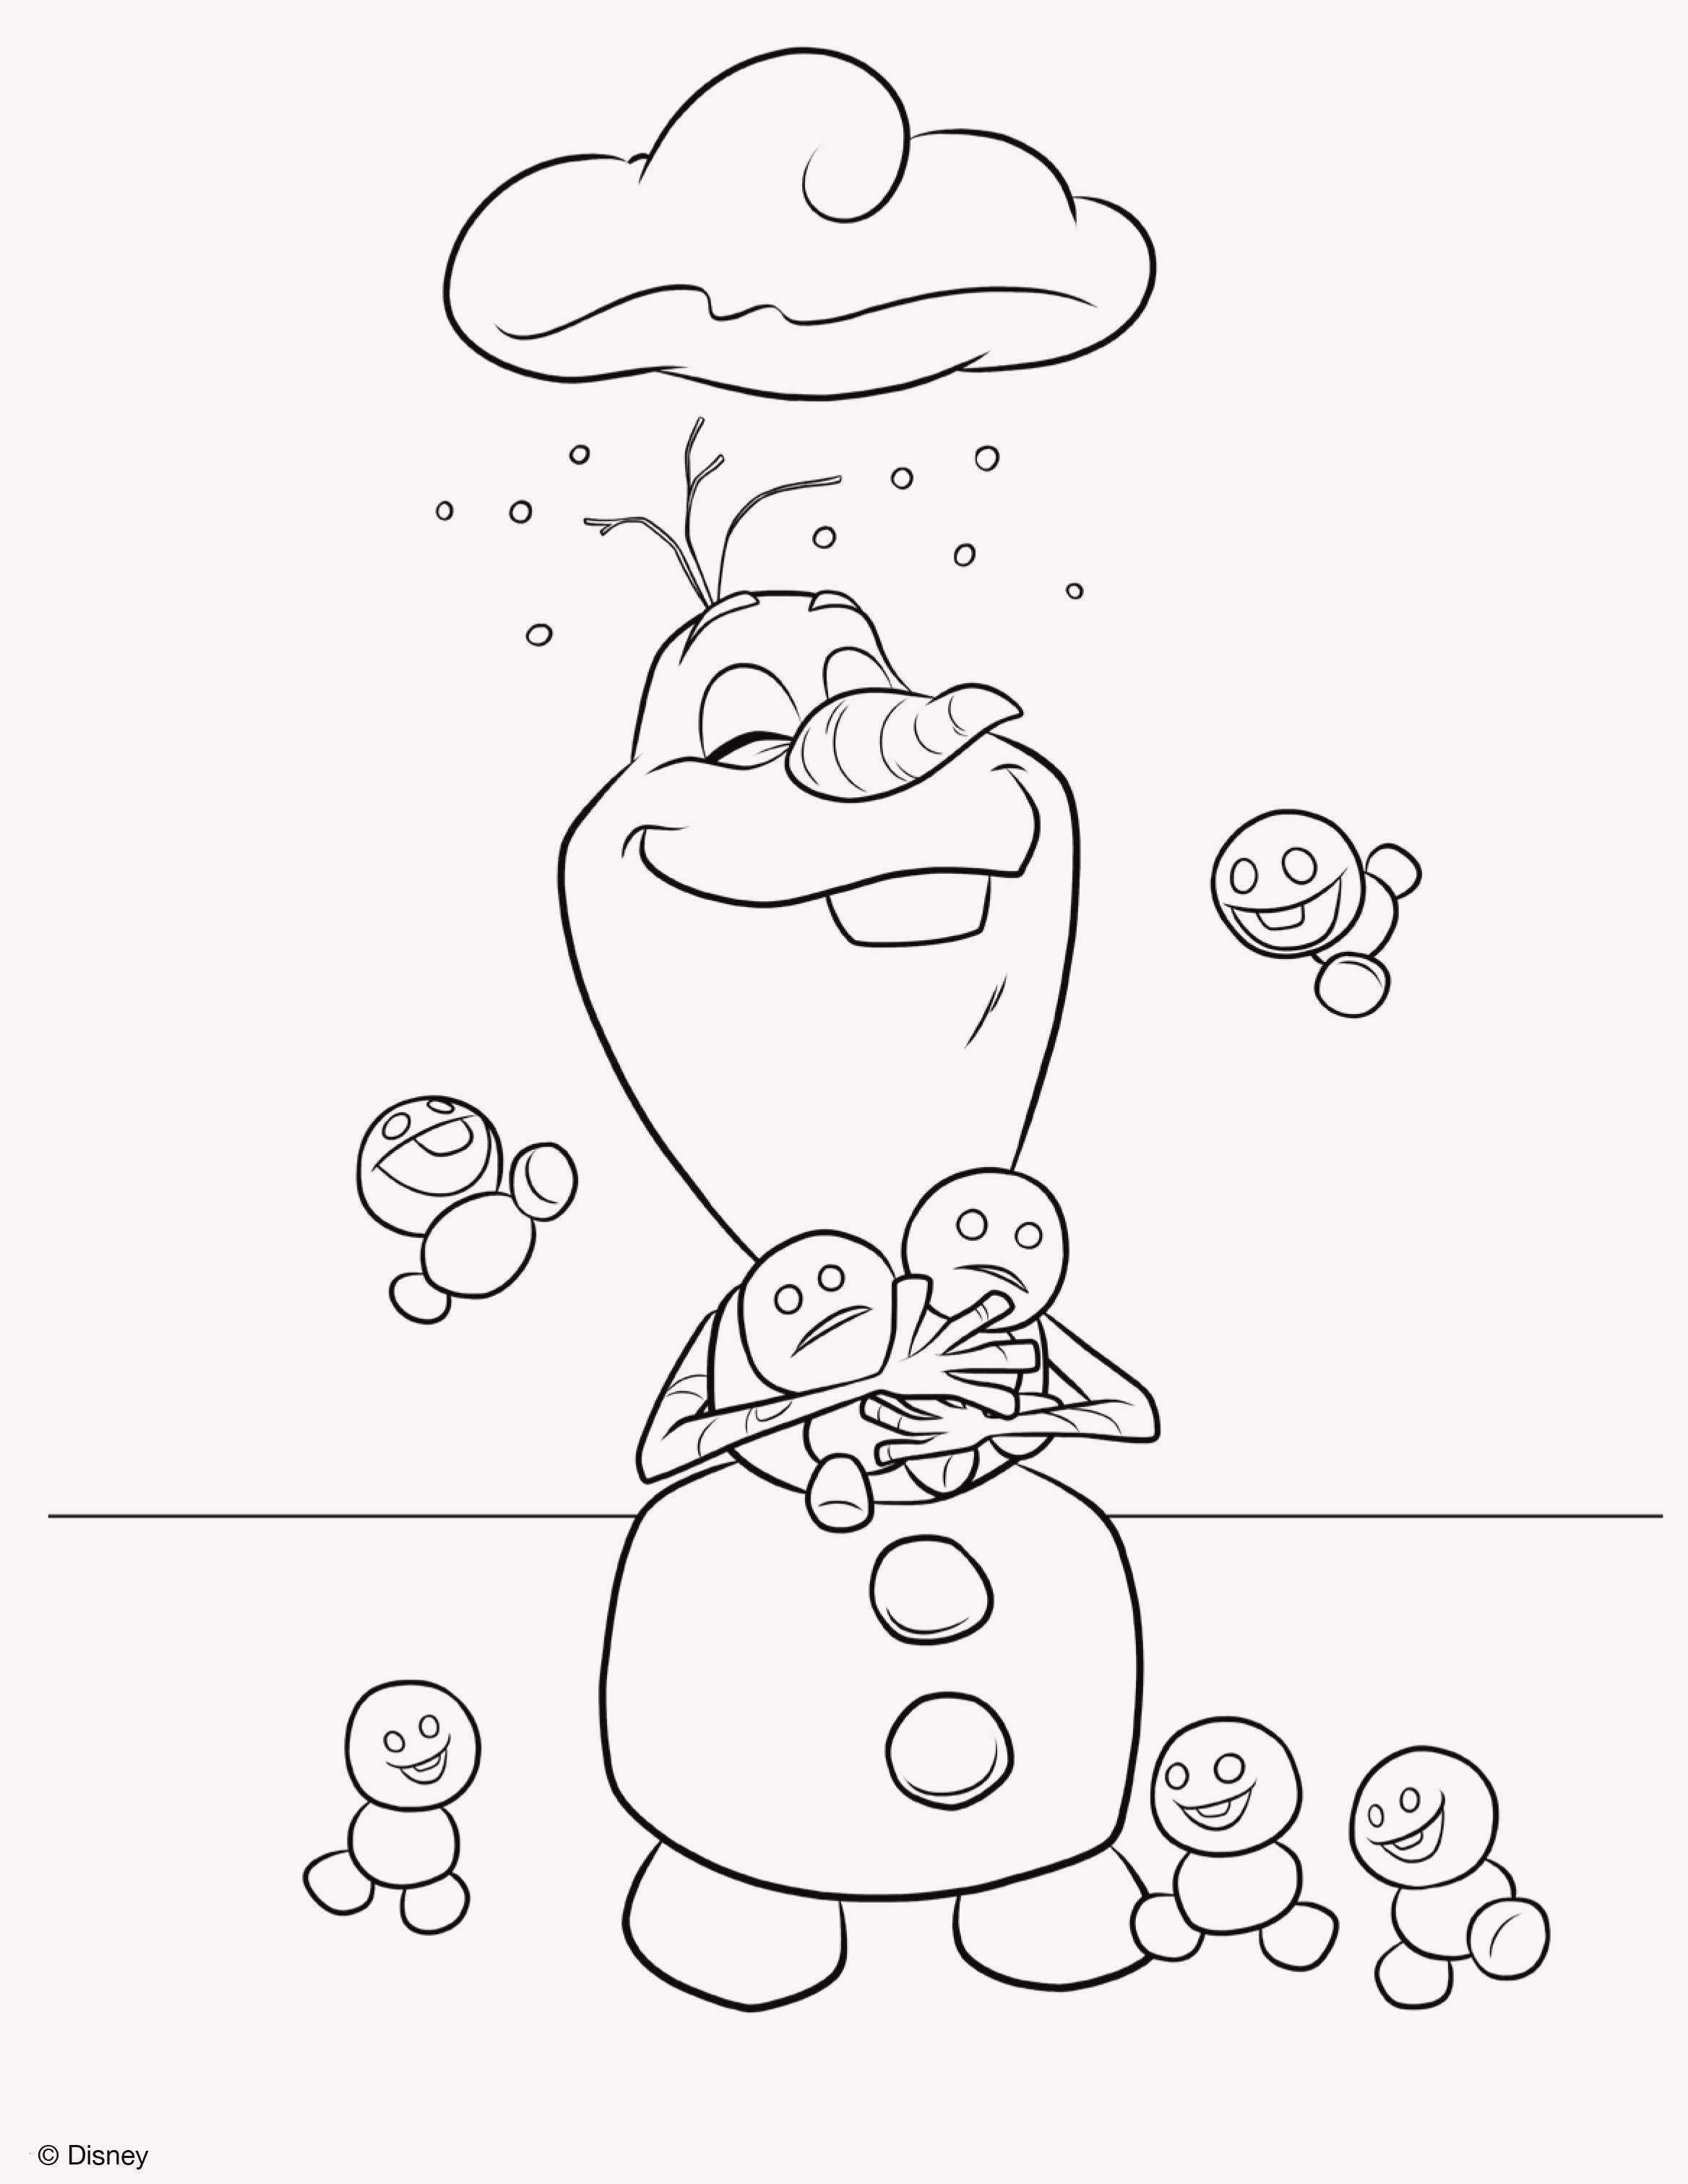 Ausmalbilder Weihnachten Disney Zum Ausdrucken Frisch Weihnachten Olaf Malvorlagen Giap Stock